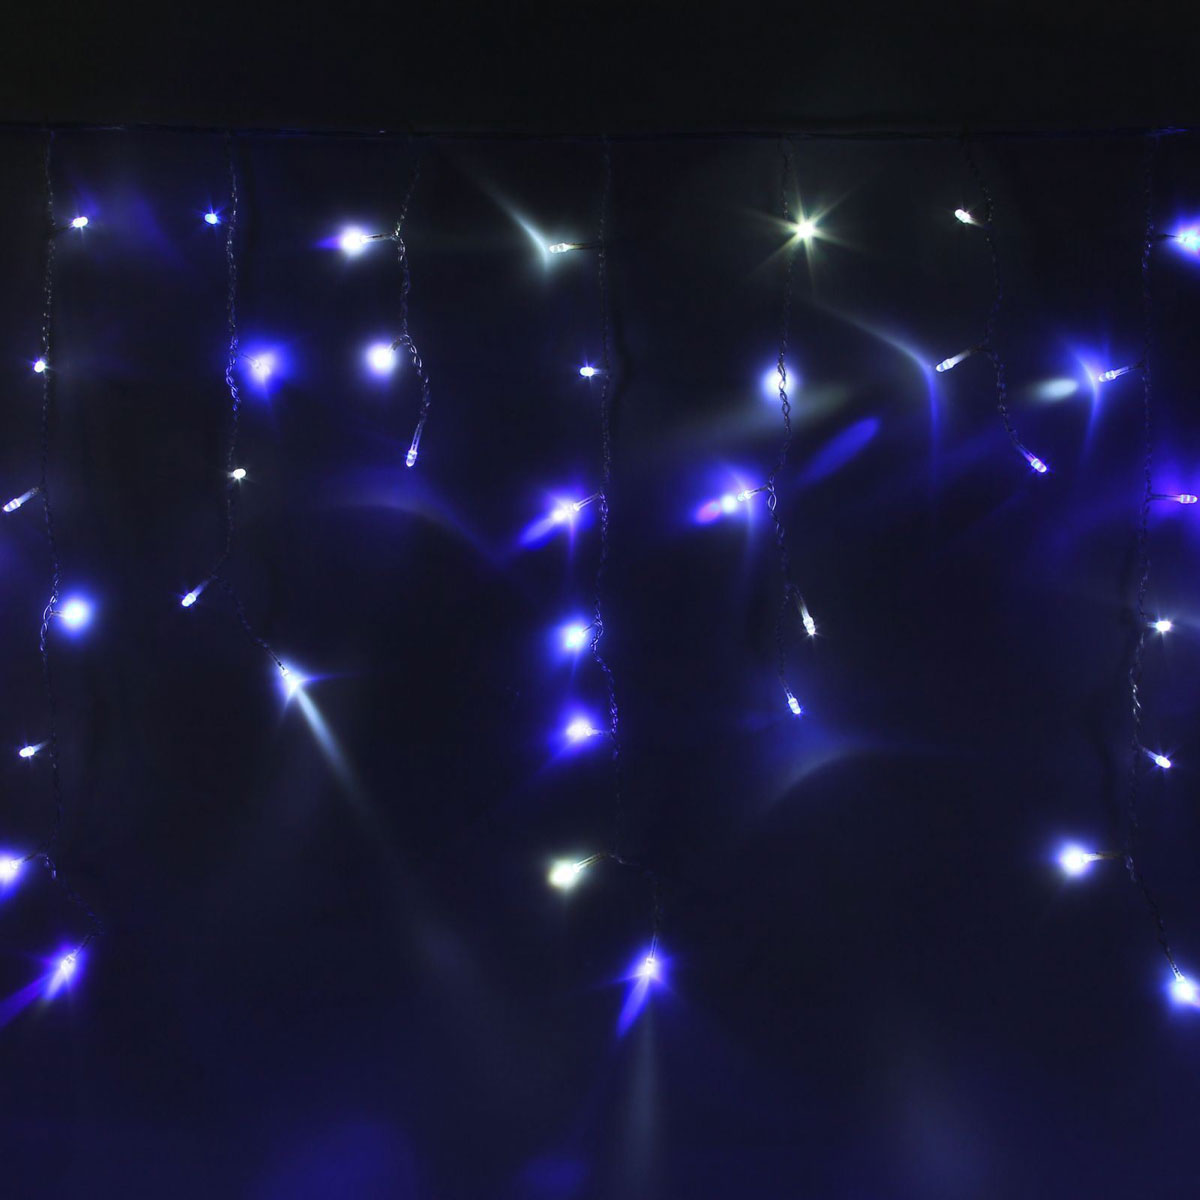 Гирлянда светодиодная Luazon Бахрома, уличная, моргает, 180 ламп, 220 V, цвет: синий, белый, 4 х 0,6 м. 10801561080156Светодиодные гирлянды, ленты и т.д — это отличный вариант для новогоднего оформления интерьера или фасада. С их помощью помещение любого размера можно превратить в праздничный зал, а внешние элементы зданий, украшенные ими, мгновенно станут напоминать очертания сказочного дворца. Такие украшения создают ауру предвкушения чуда. Деревья, фасады, витрины, окна и арки будто специально созданы, чтобы вы украсили их светящимися нитями.